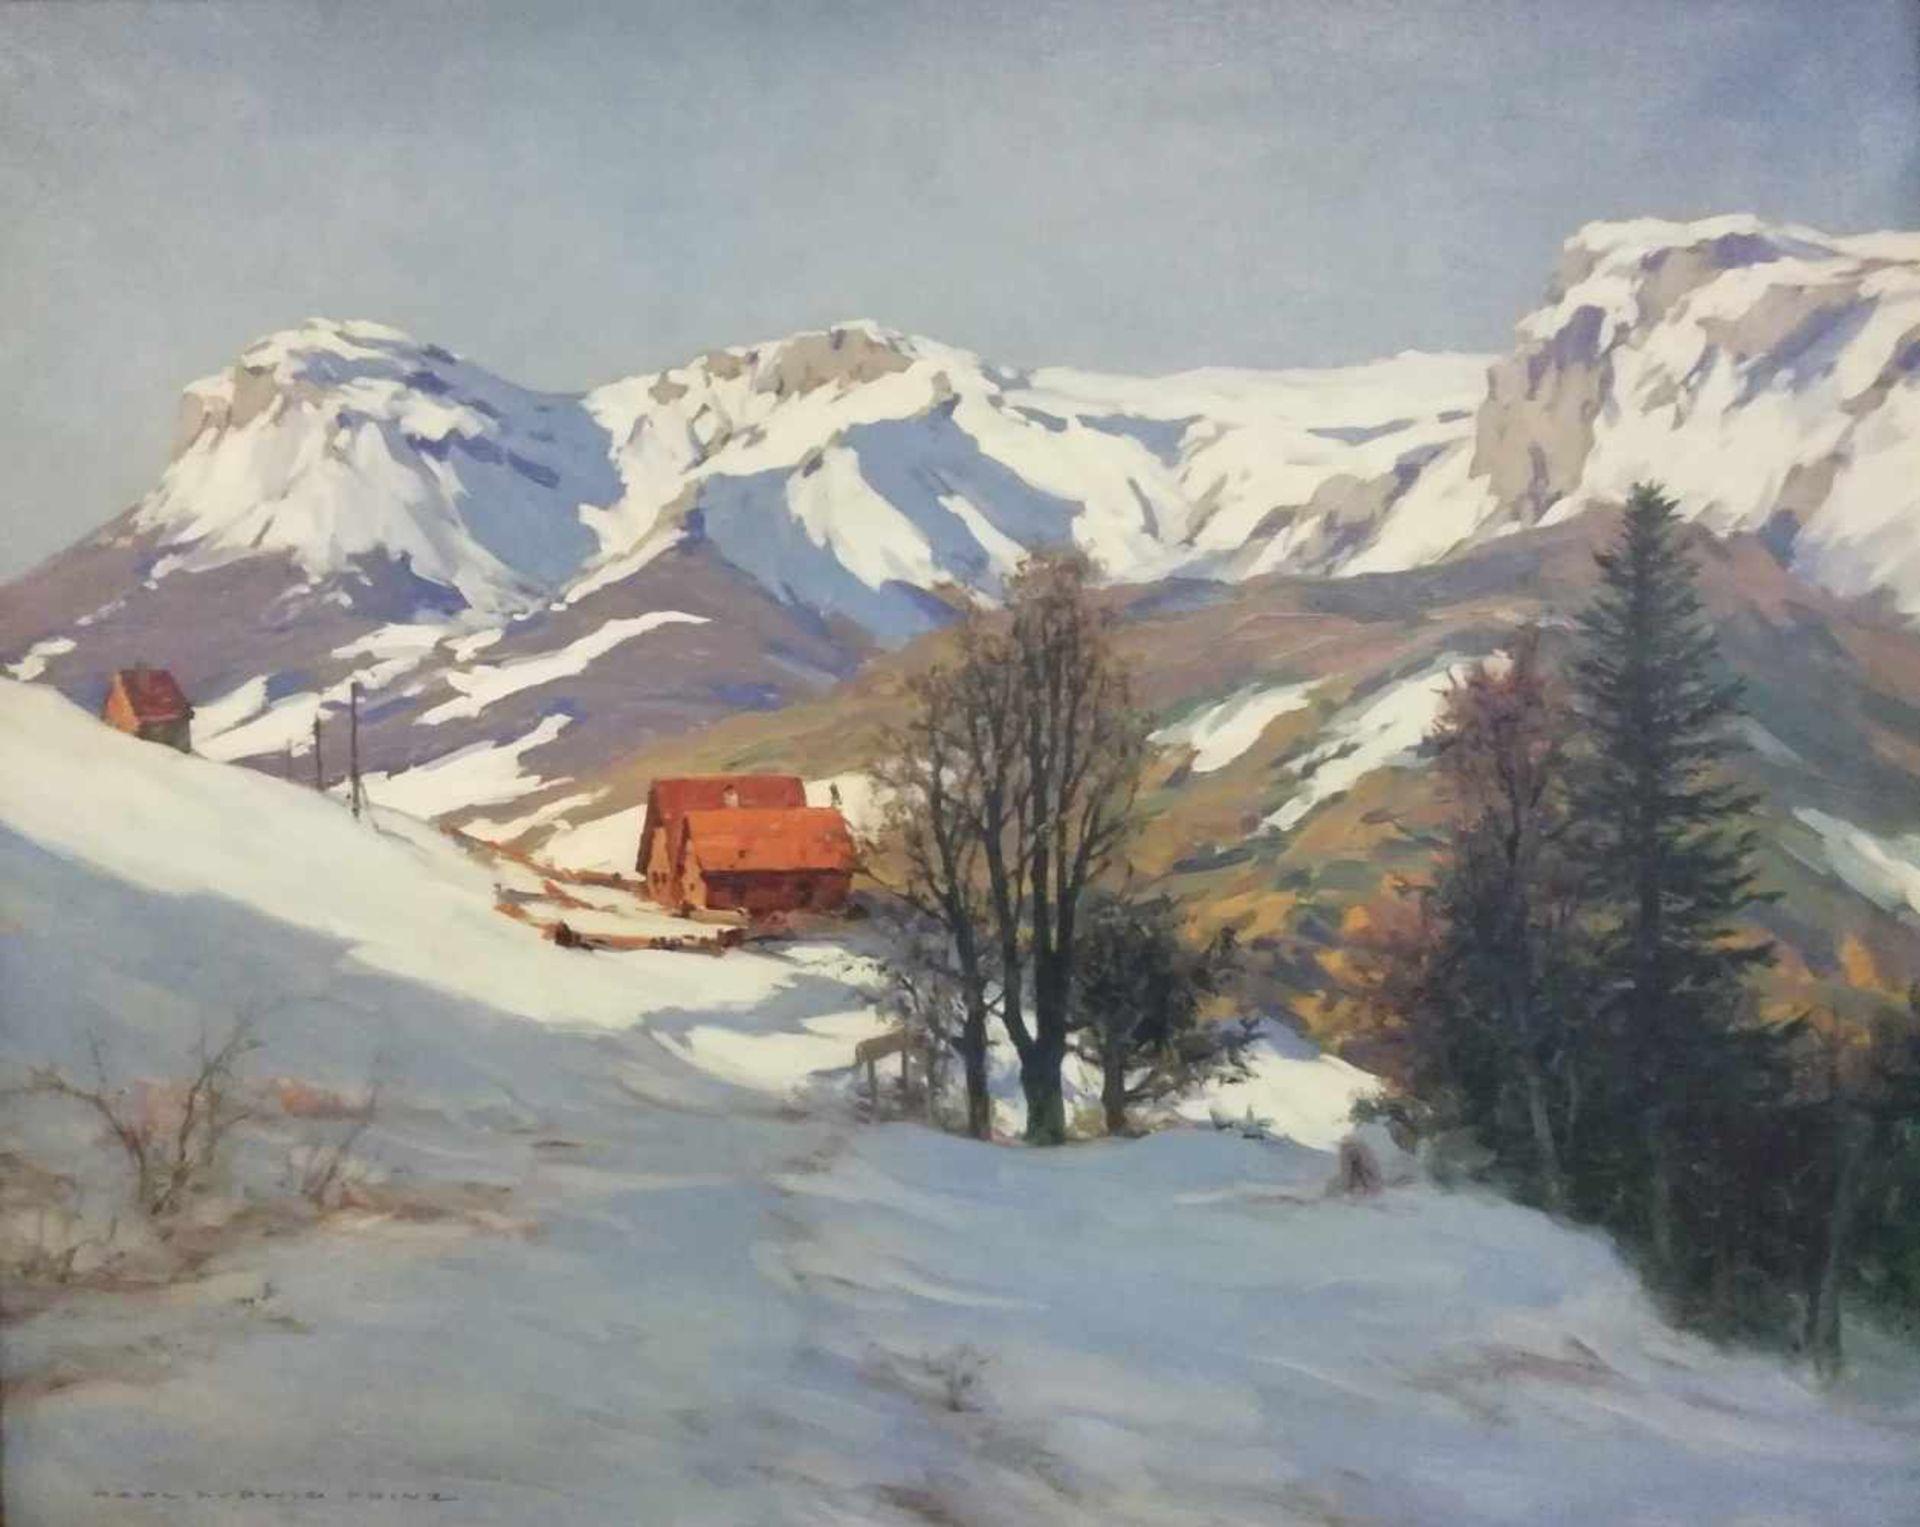 Los 8 - Karl Ludwig Prinz (Wien 1875-1944)Blick auf die Rax, signiert Karl Ludwig Prinz, 72,5x90 cm, Öl